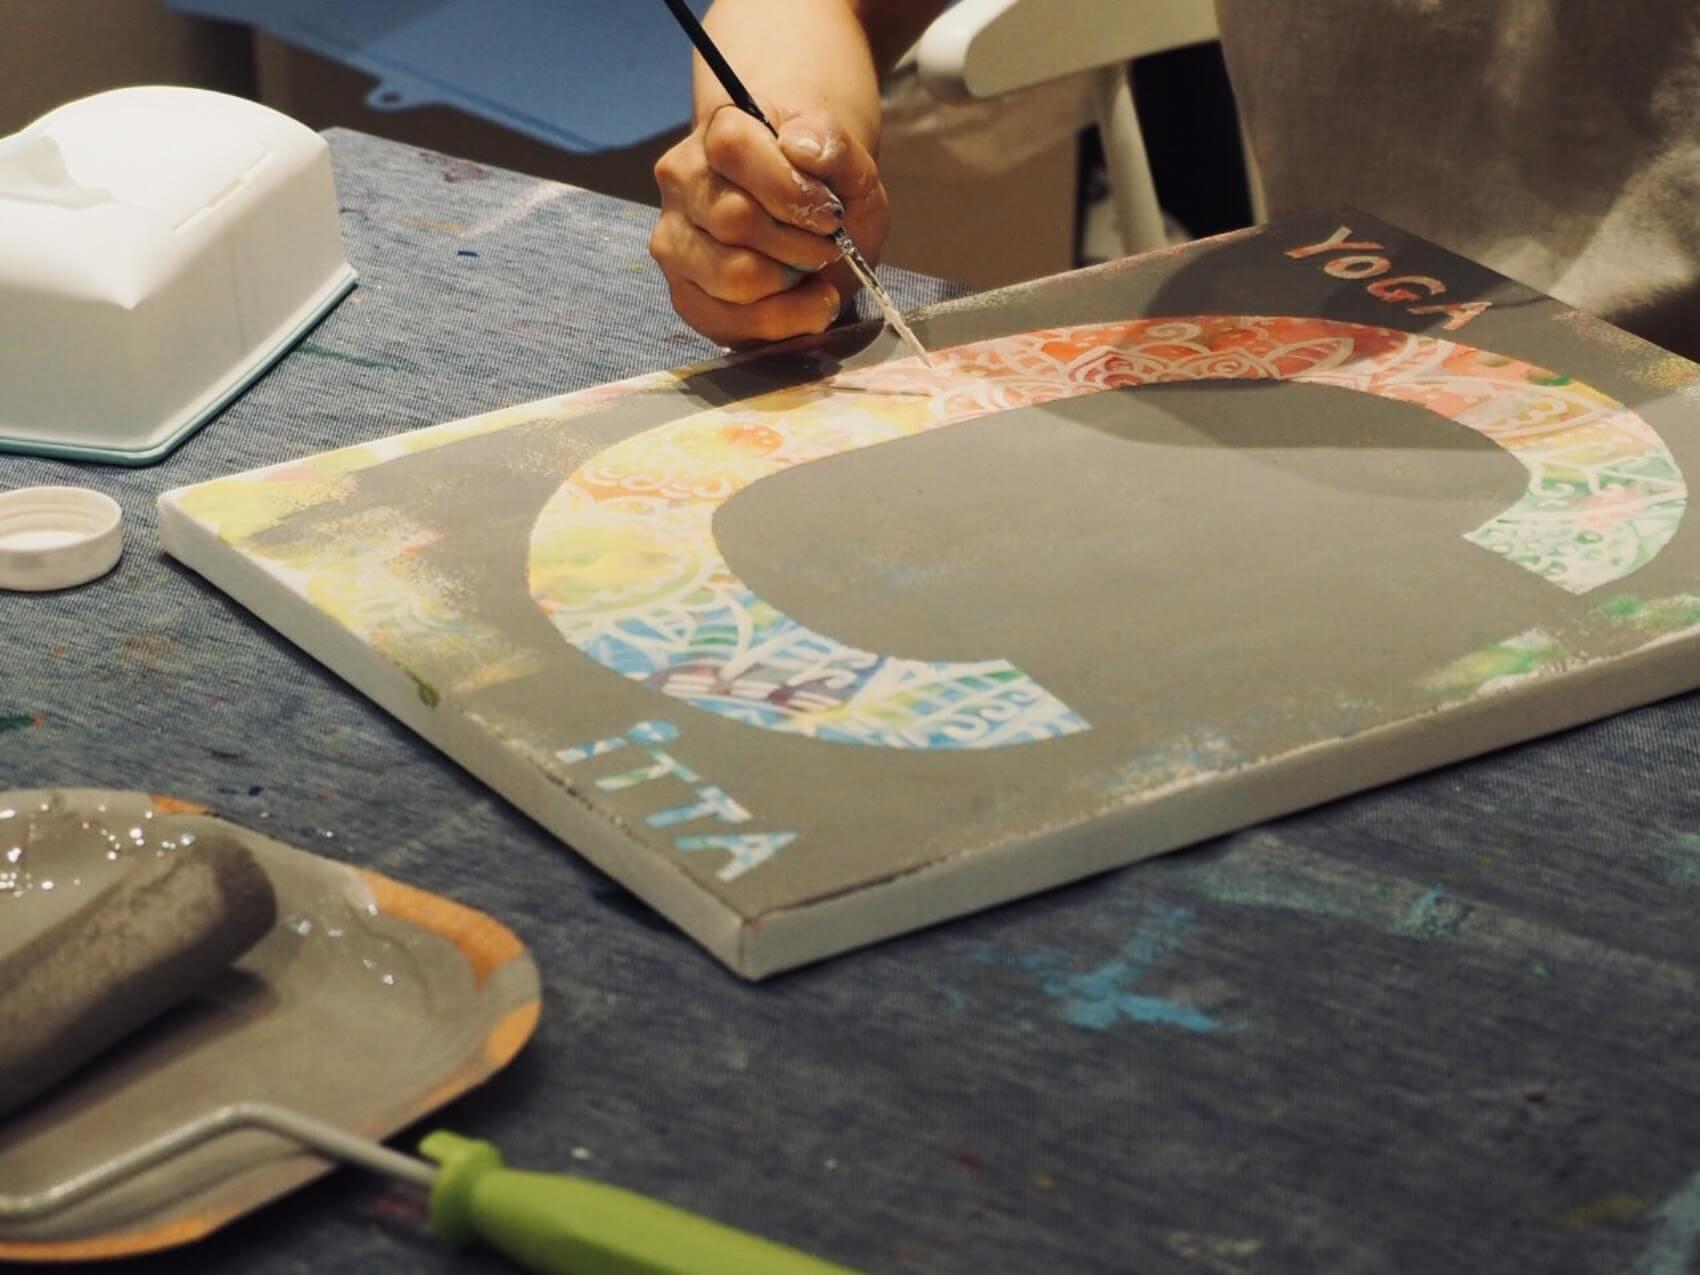 黒板シールを剥がした部分に、更に模様を重ねるという素敵なアイディア。